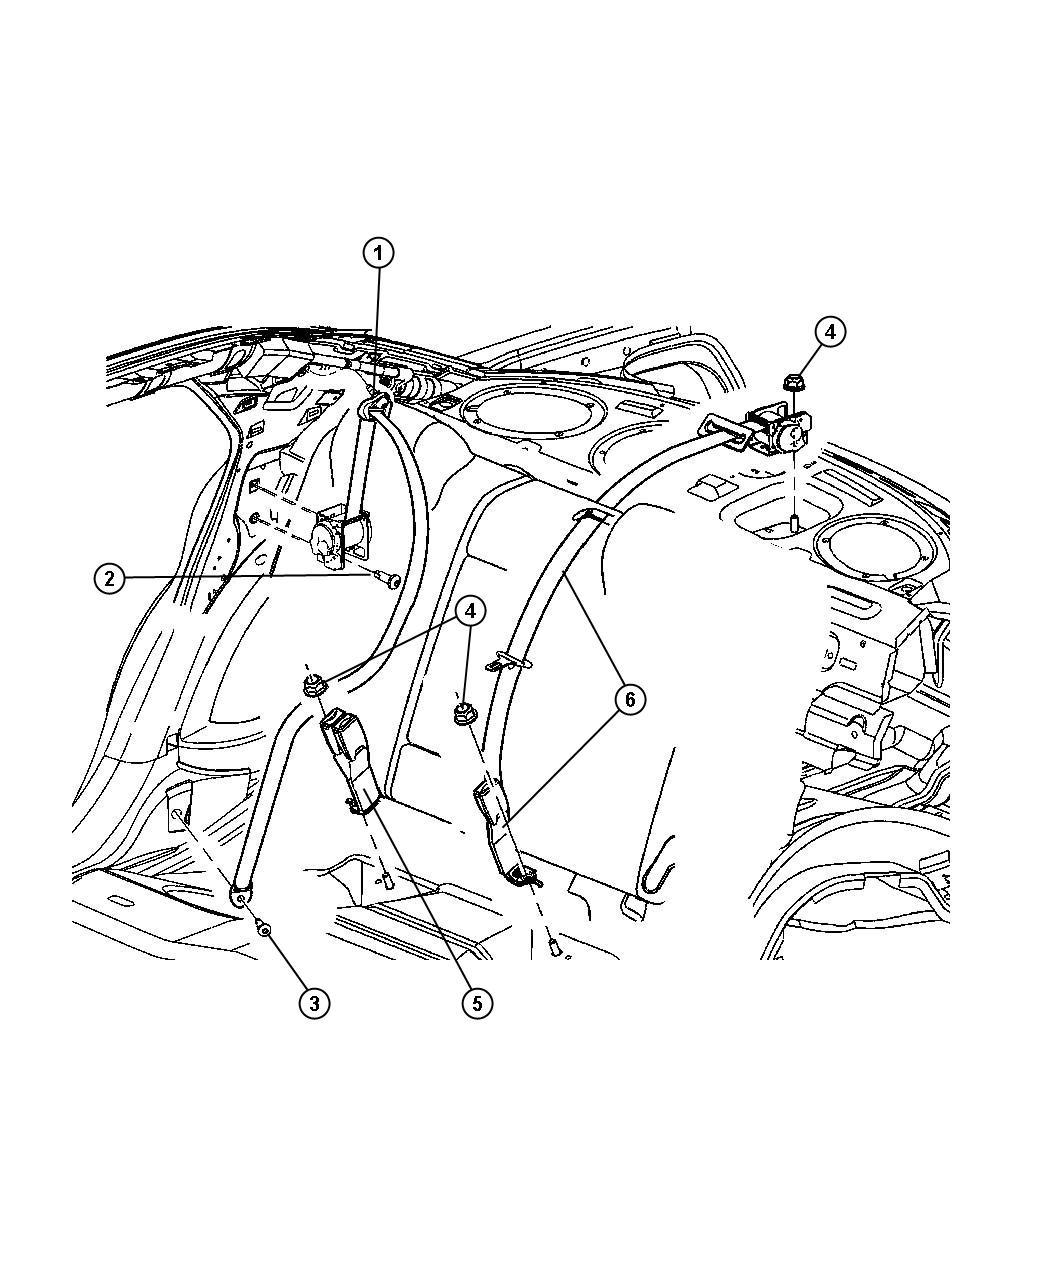 Dodge Charger Seat Belt Rear Center Shoulder T1 Trim